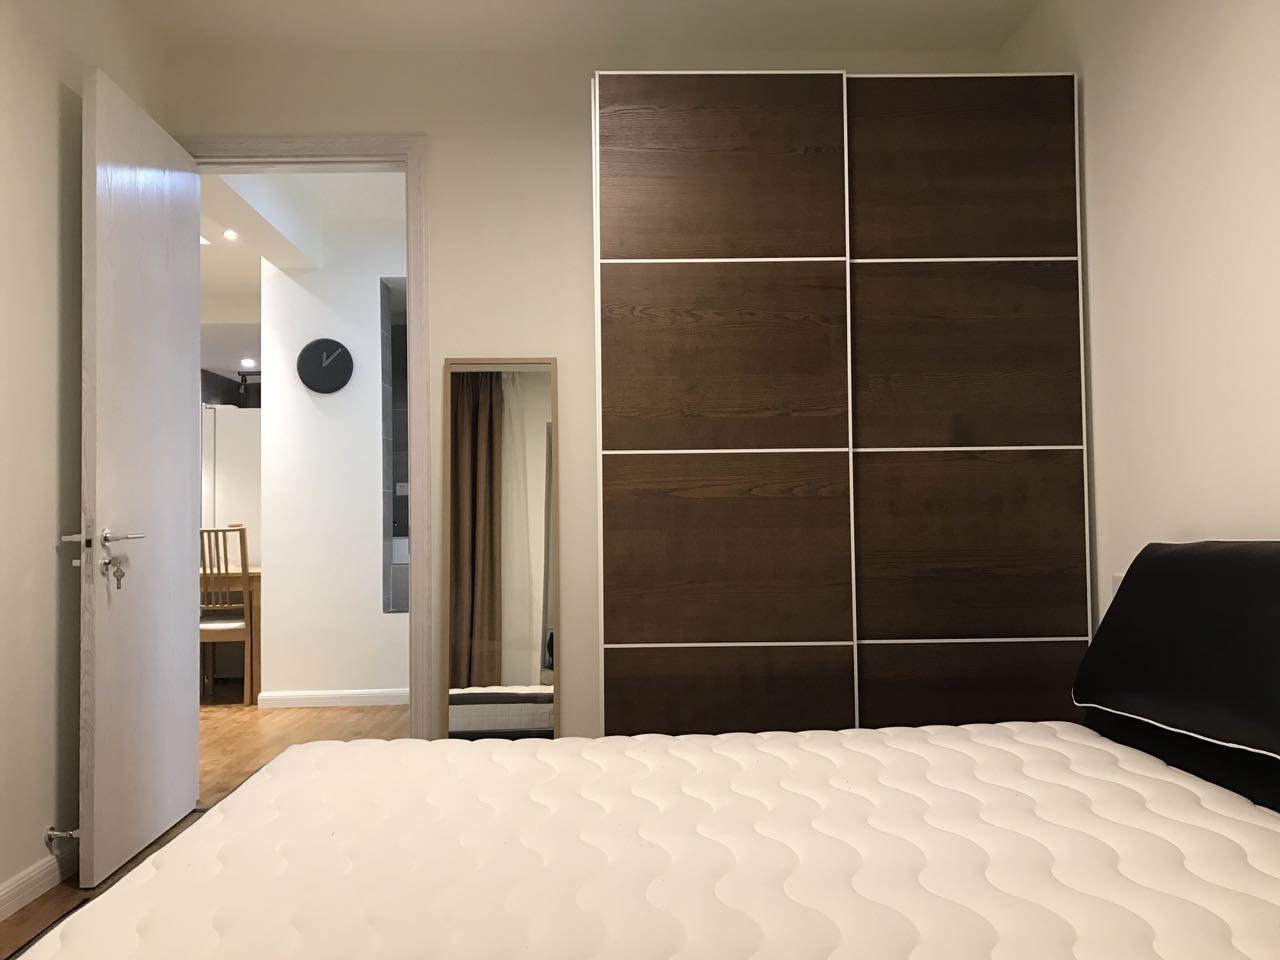 93m²三室二厅:我想换种北欧风格的装修 案例 第9张